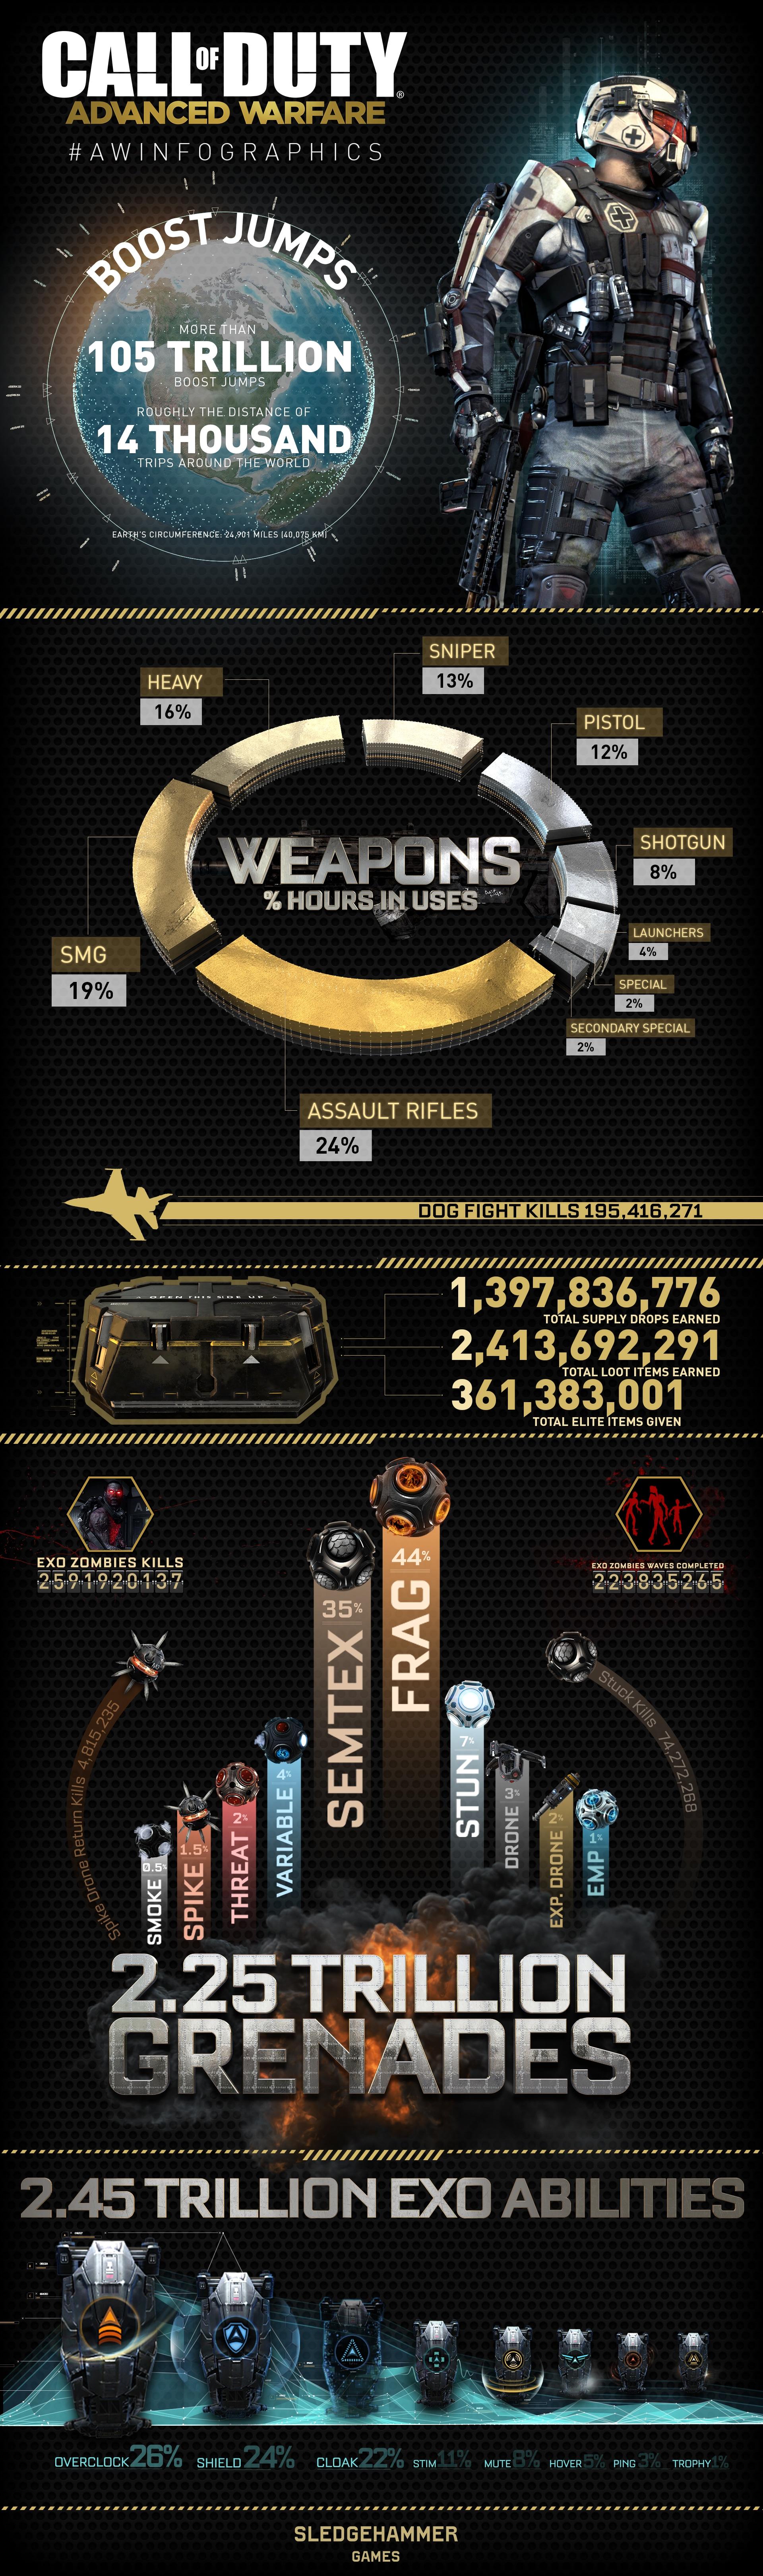 AW_Infographic_MASTER_v06.jpg